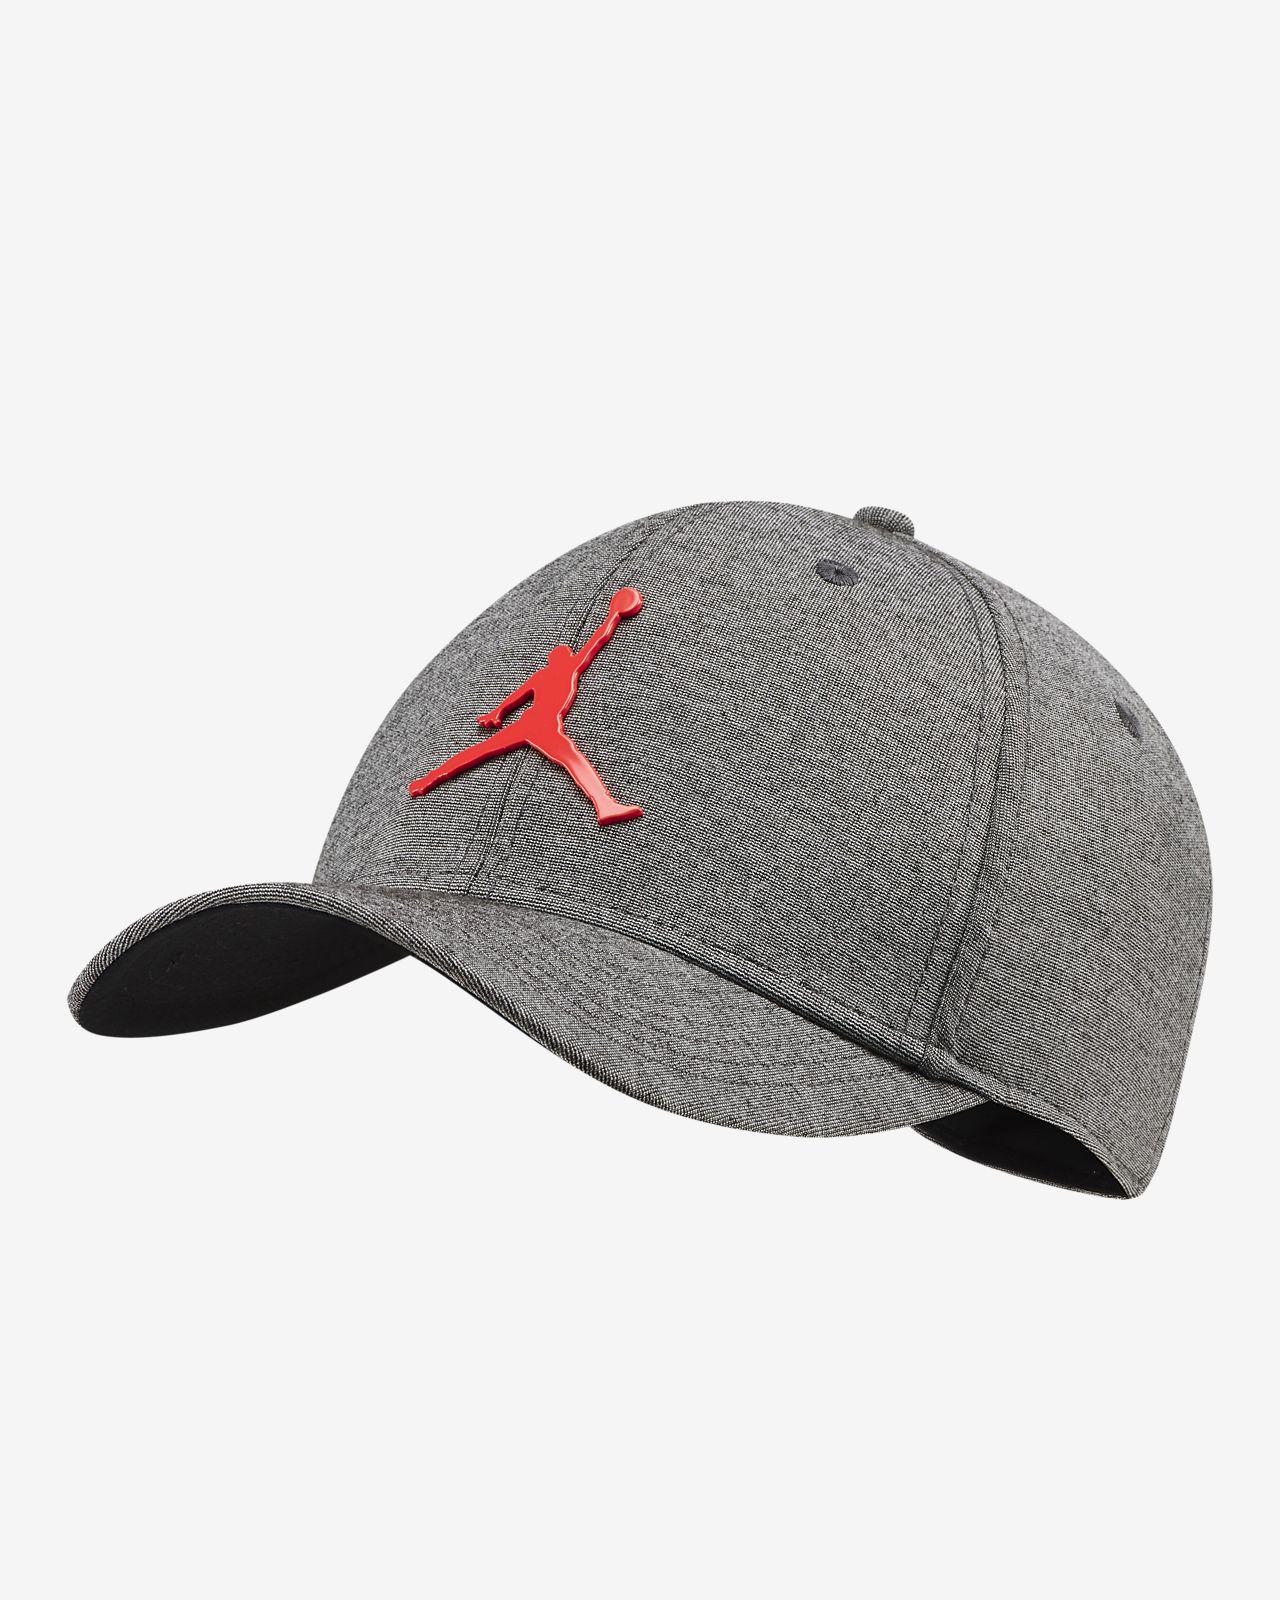 jordan classic 99 cap aliexpress 16b91